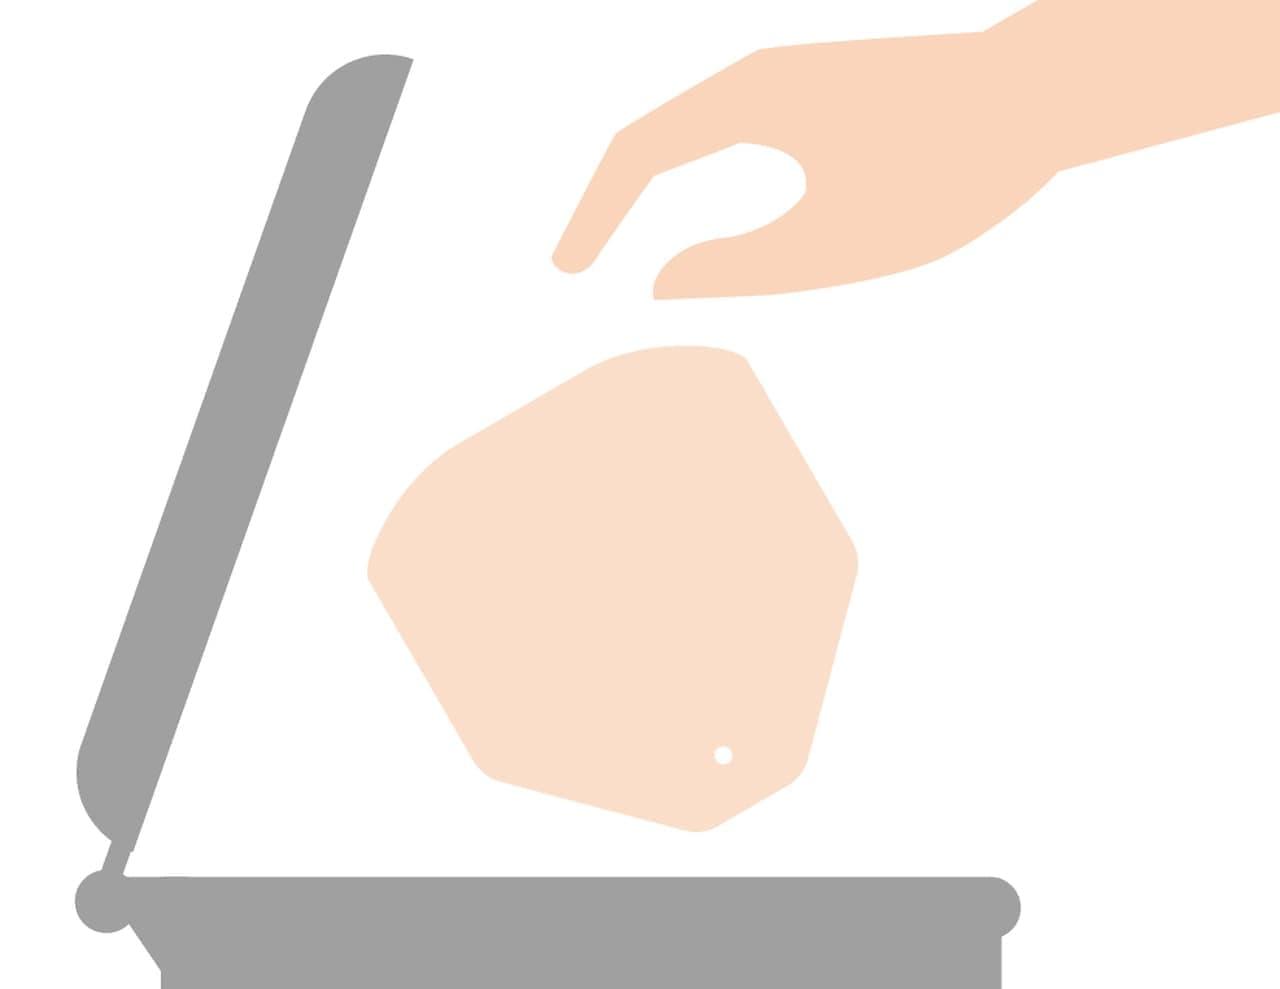 会食時専用紙マスク「おくちばん」発売 - 食べるときだけちょっとずらす